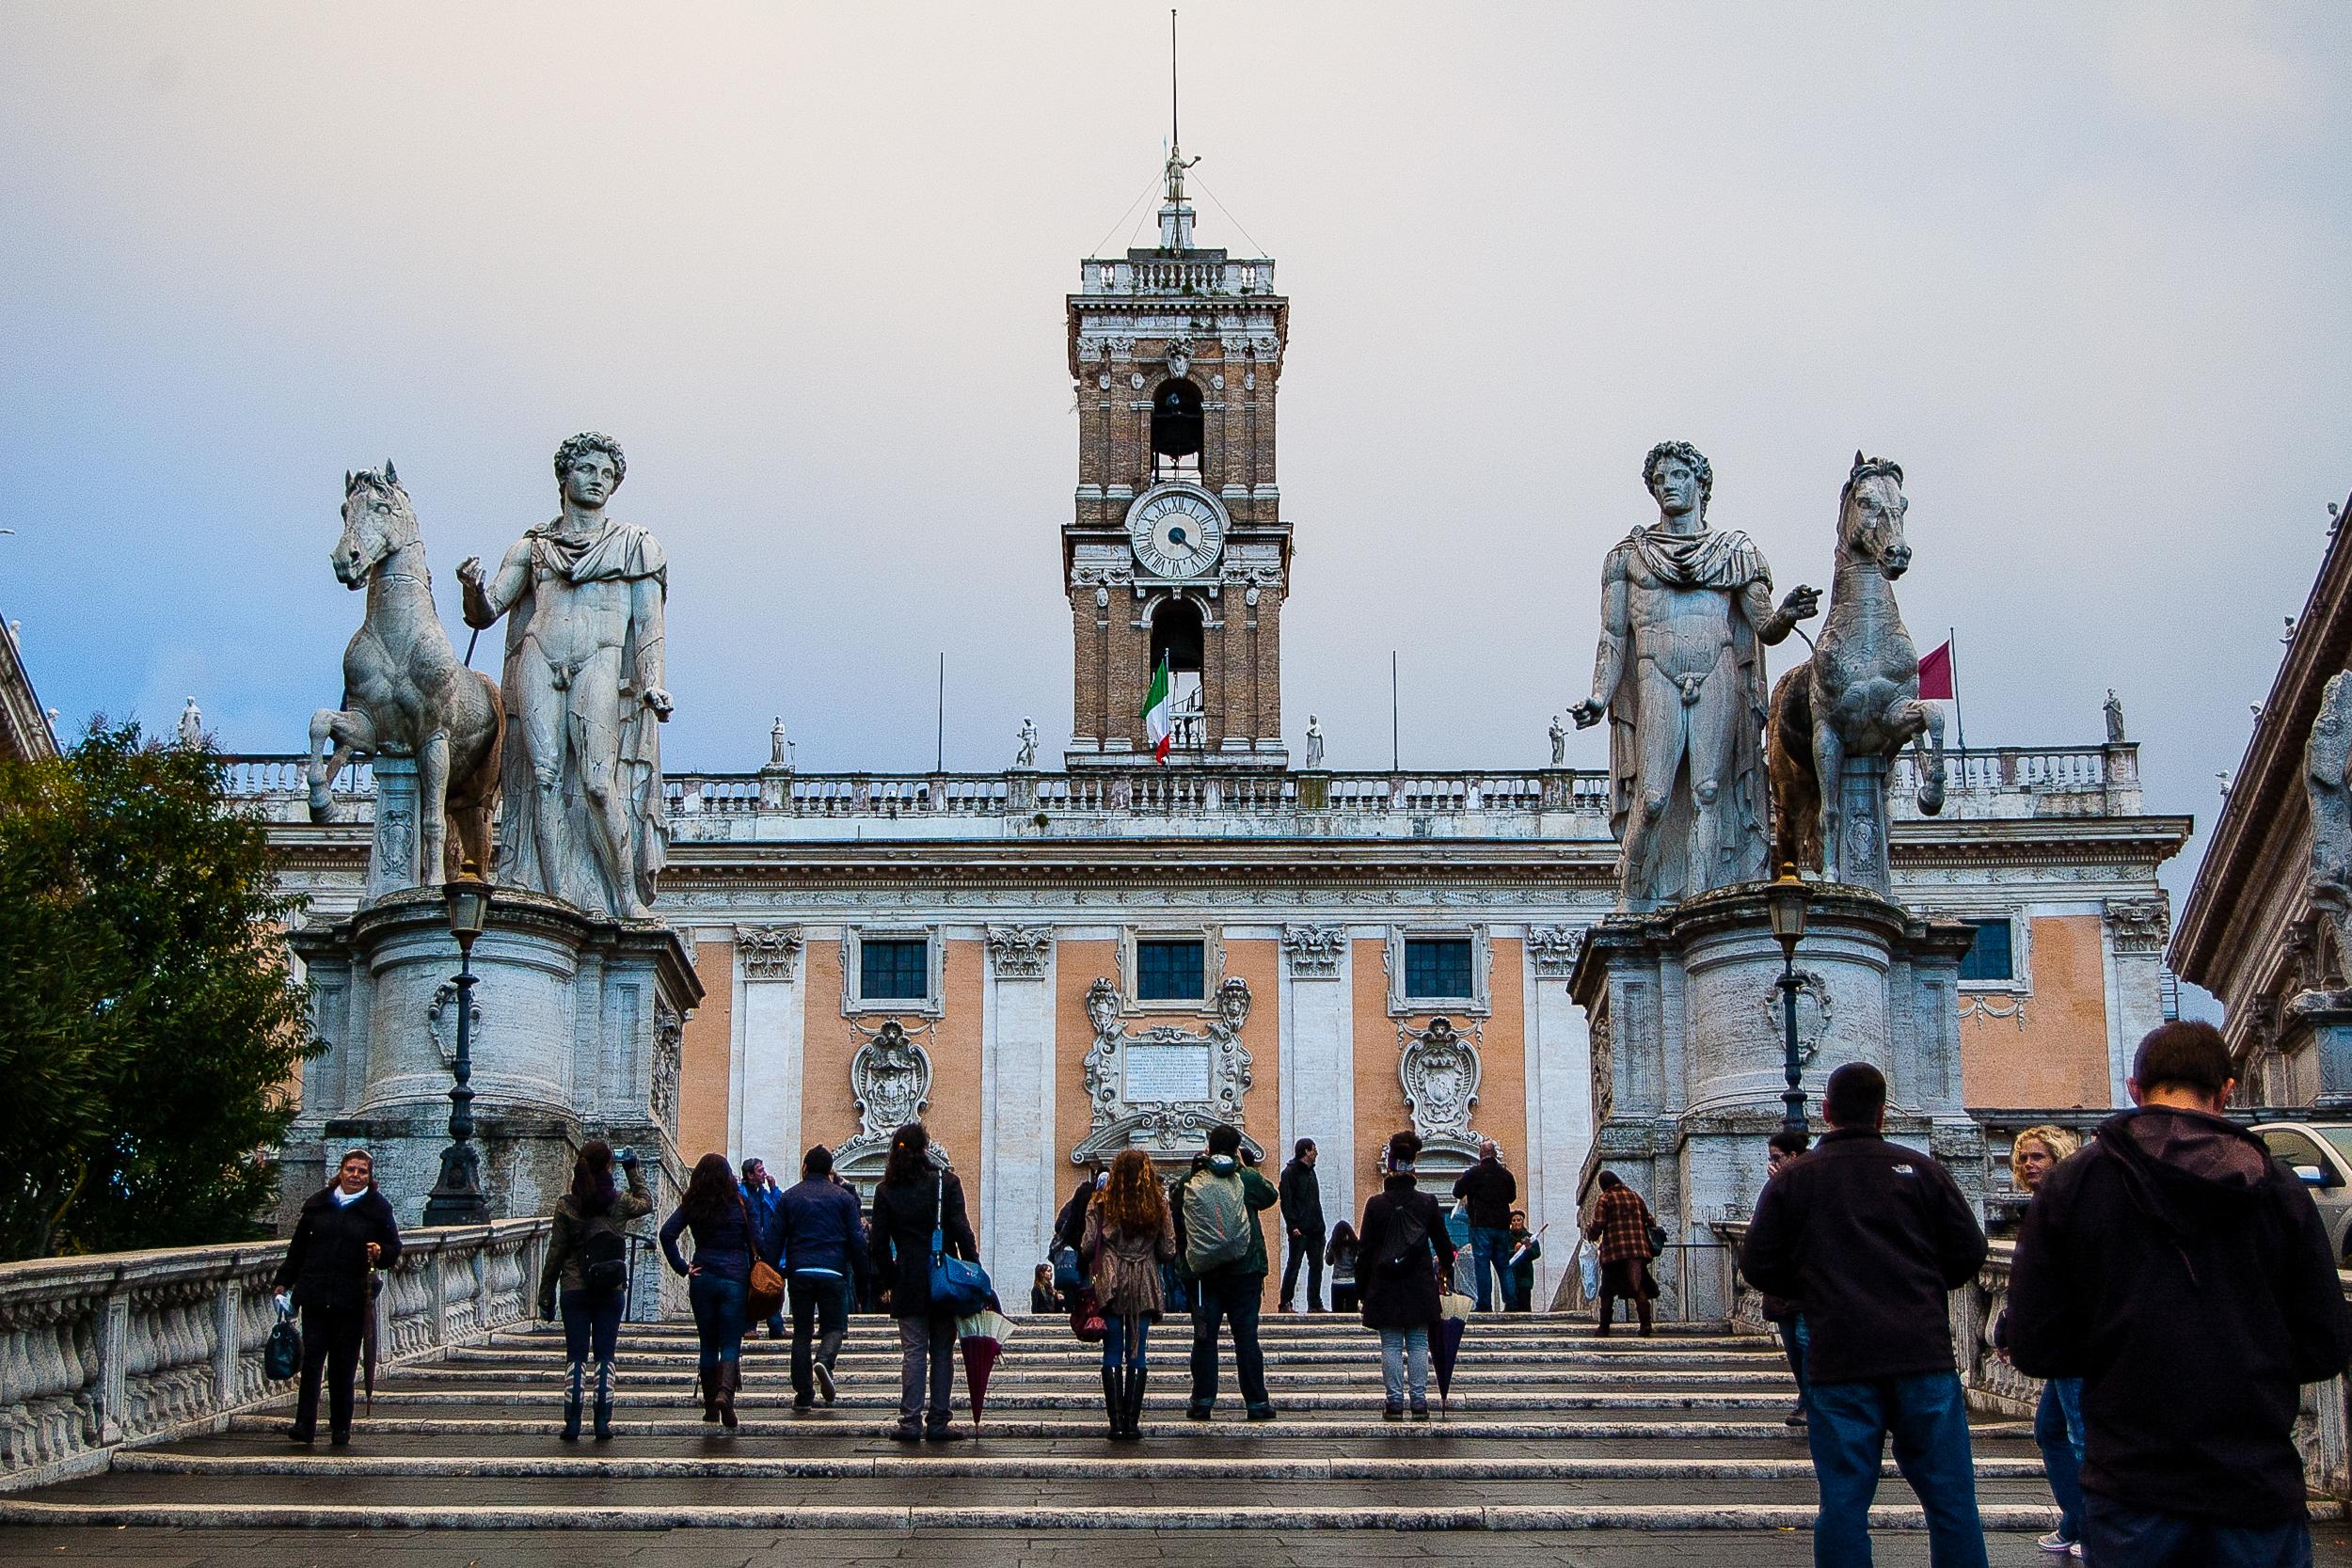 The Palazzo Senatorio taken from the Cordonata Capitolina